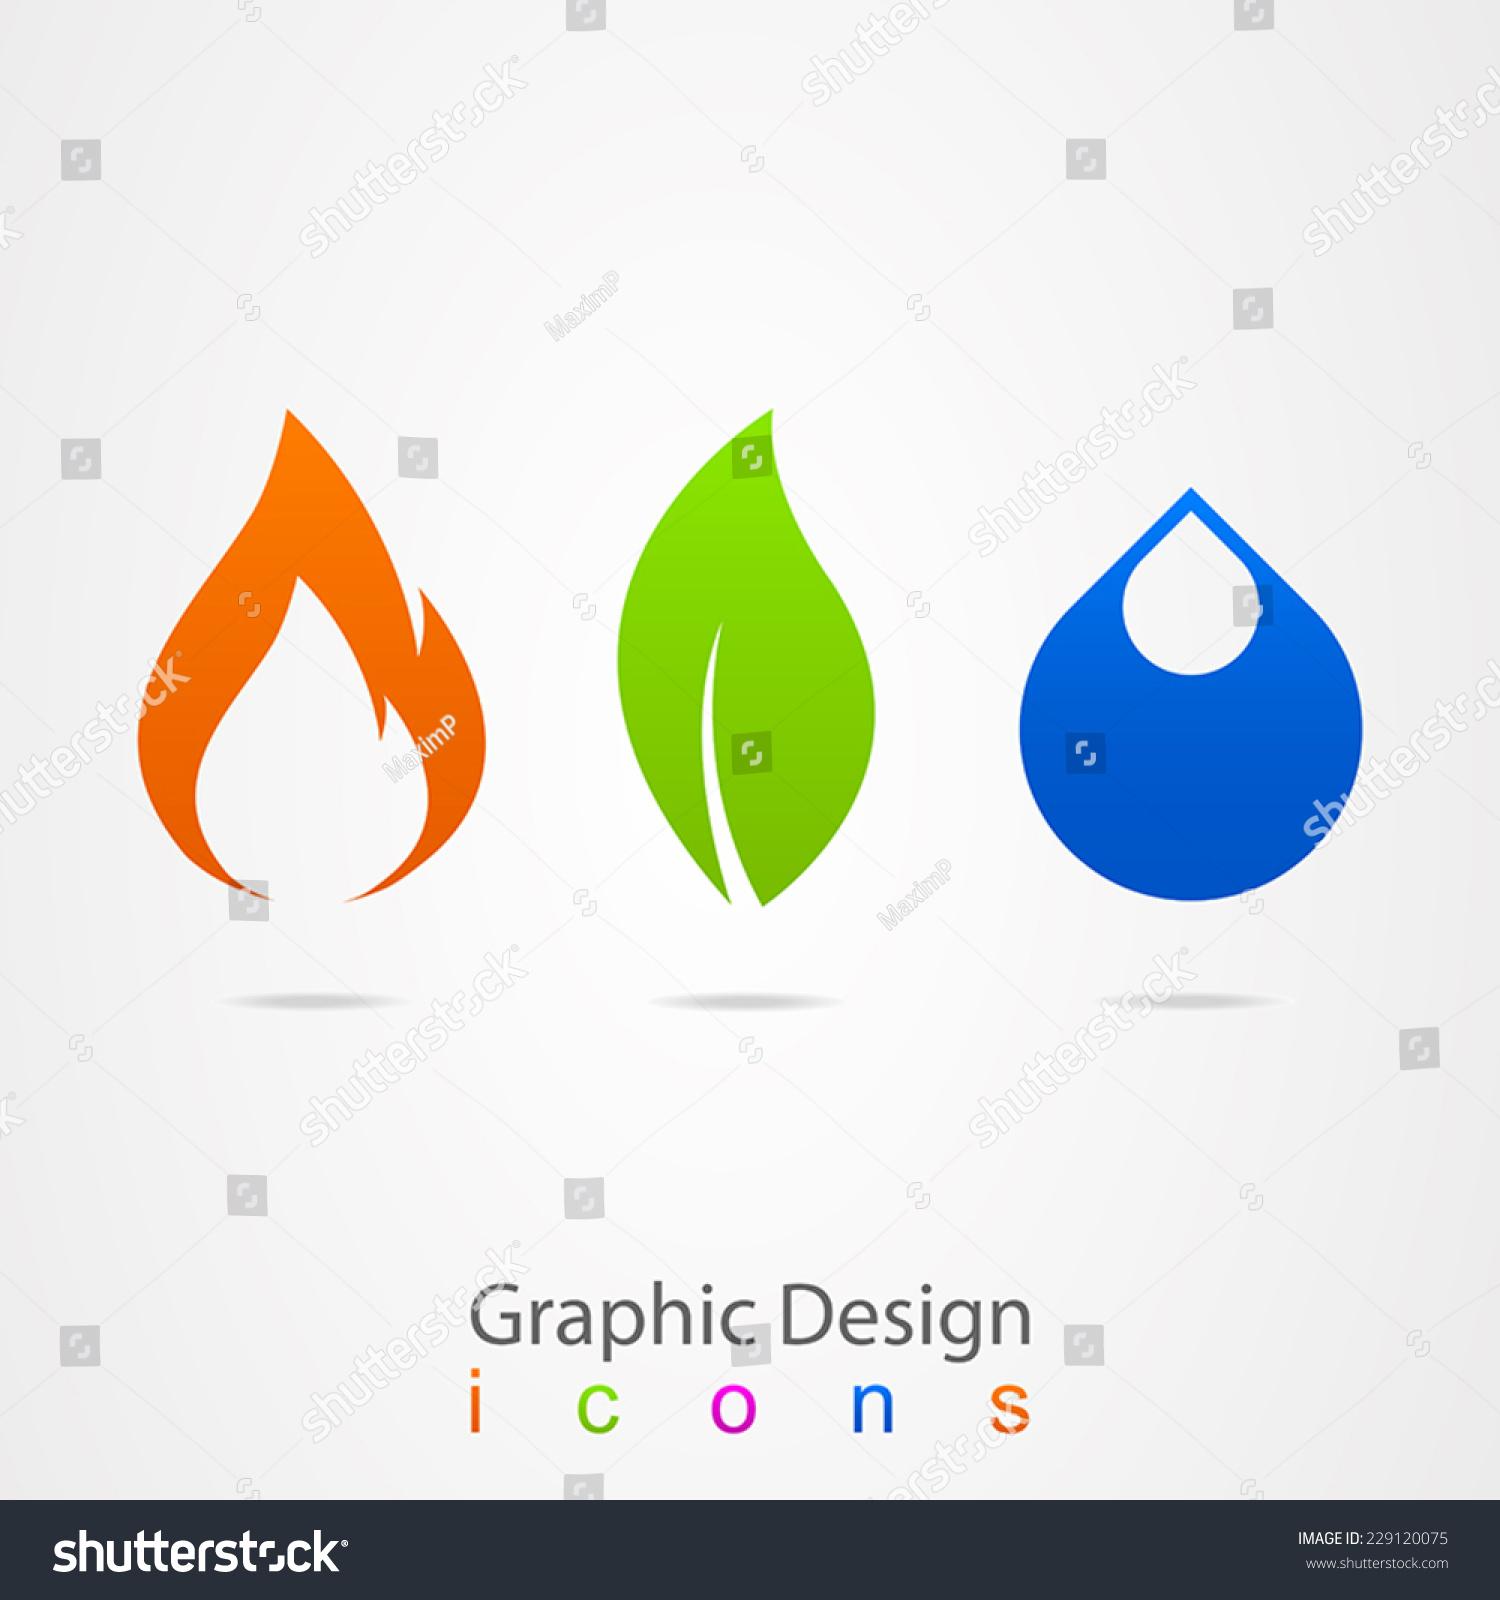 平面设计,掉落,树叶,火焰图案-符号/标志,抽象-海洛()图片